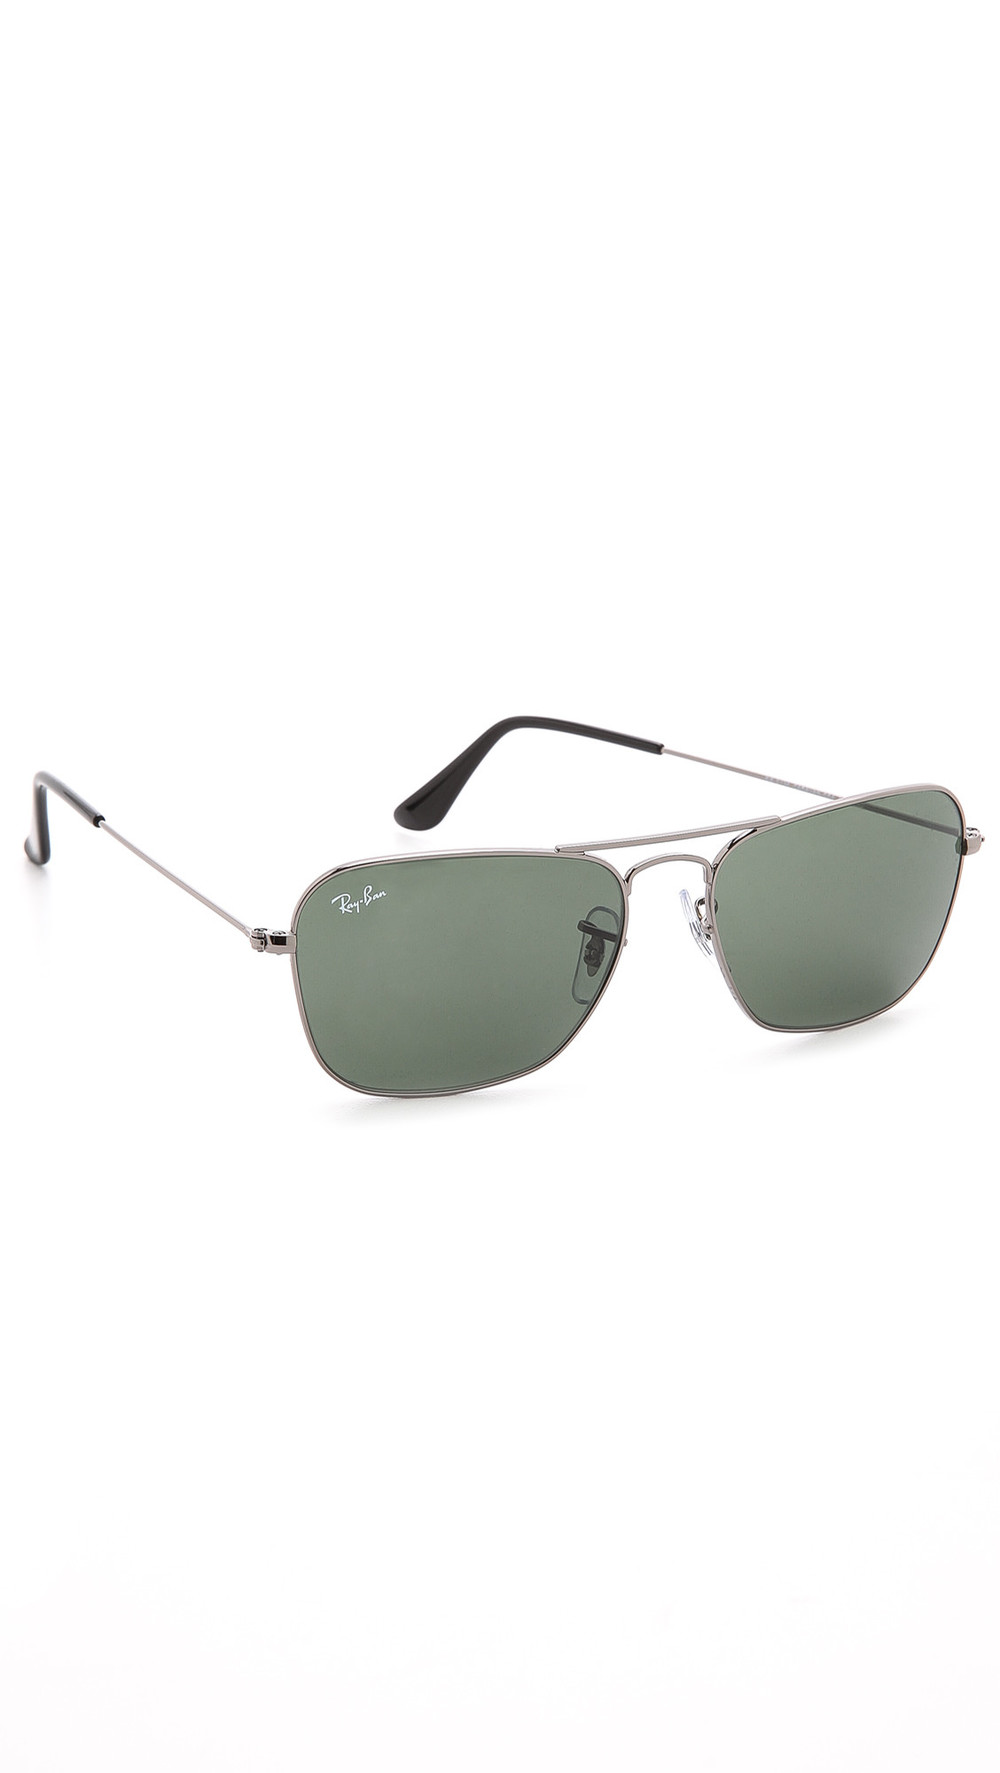 Ray-Ban Caravan Sunglasses in green